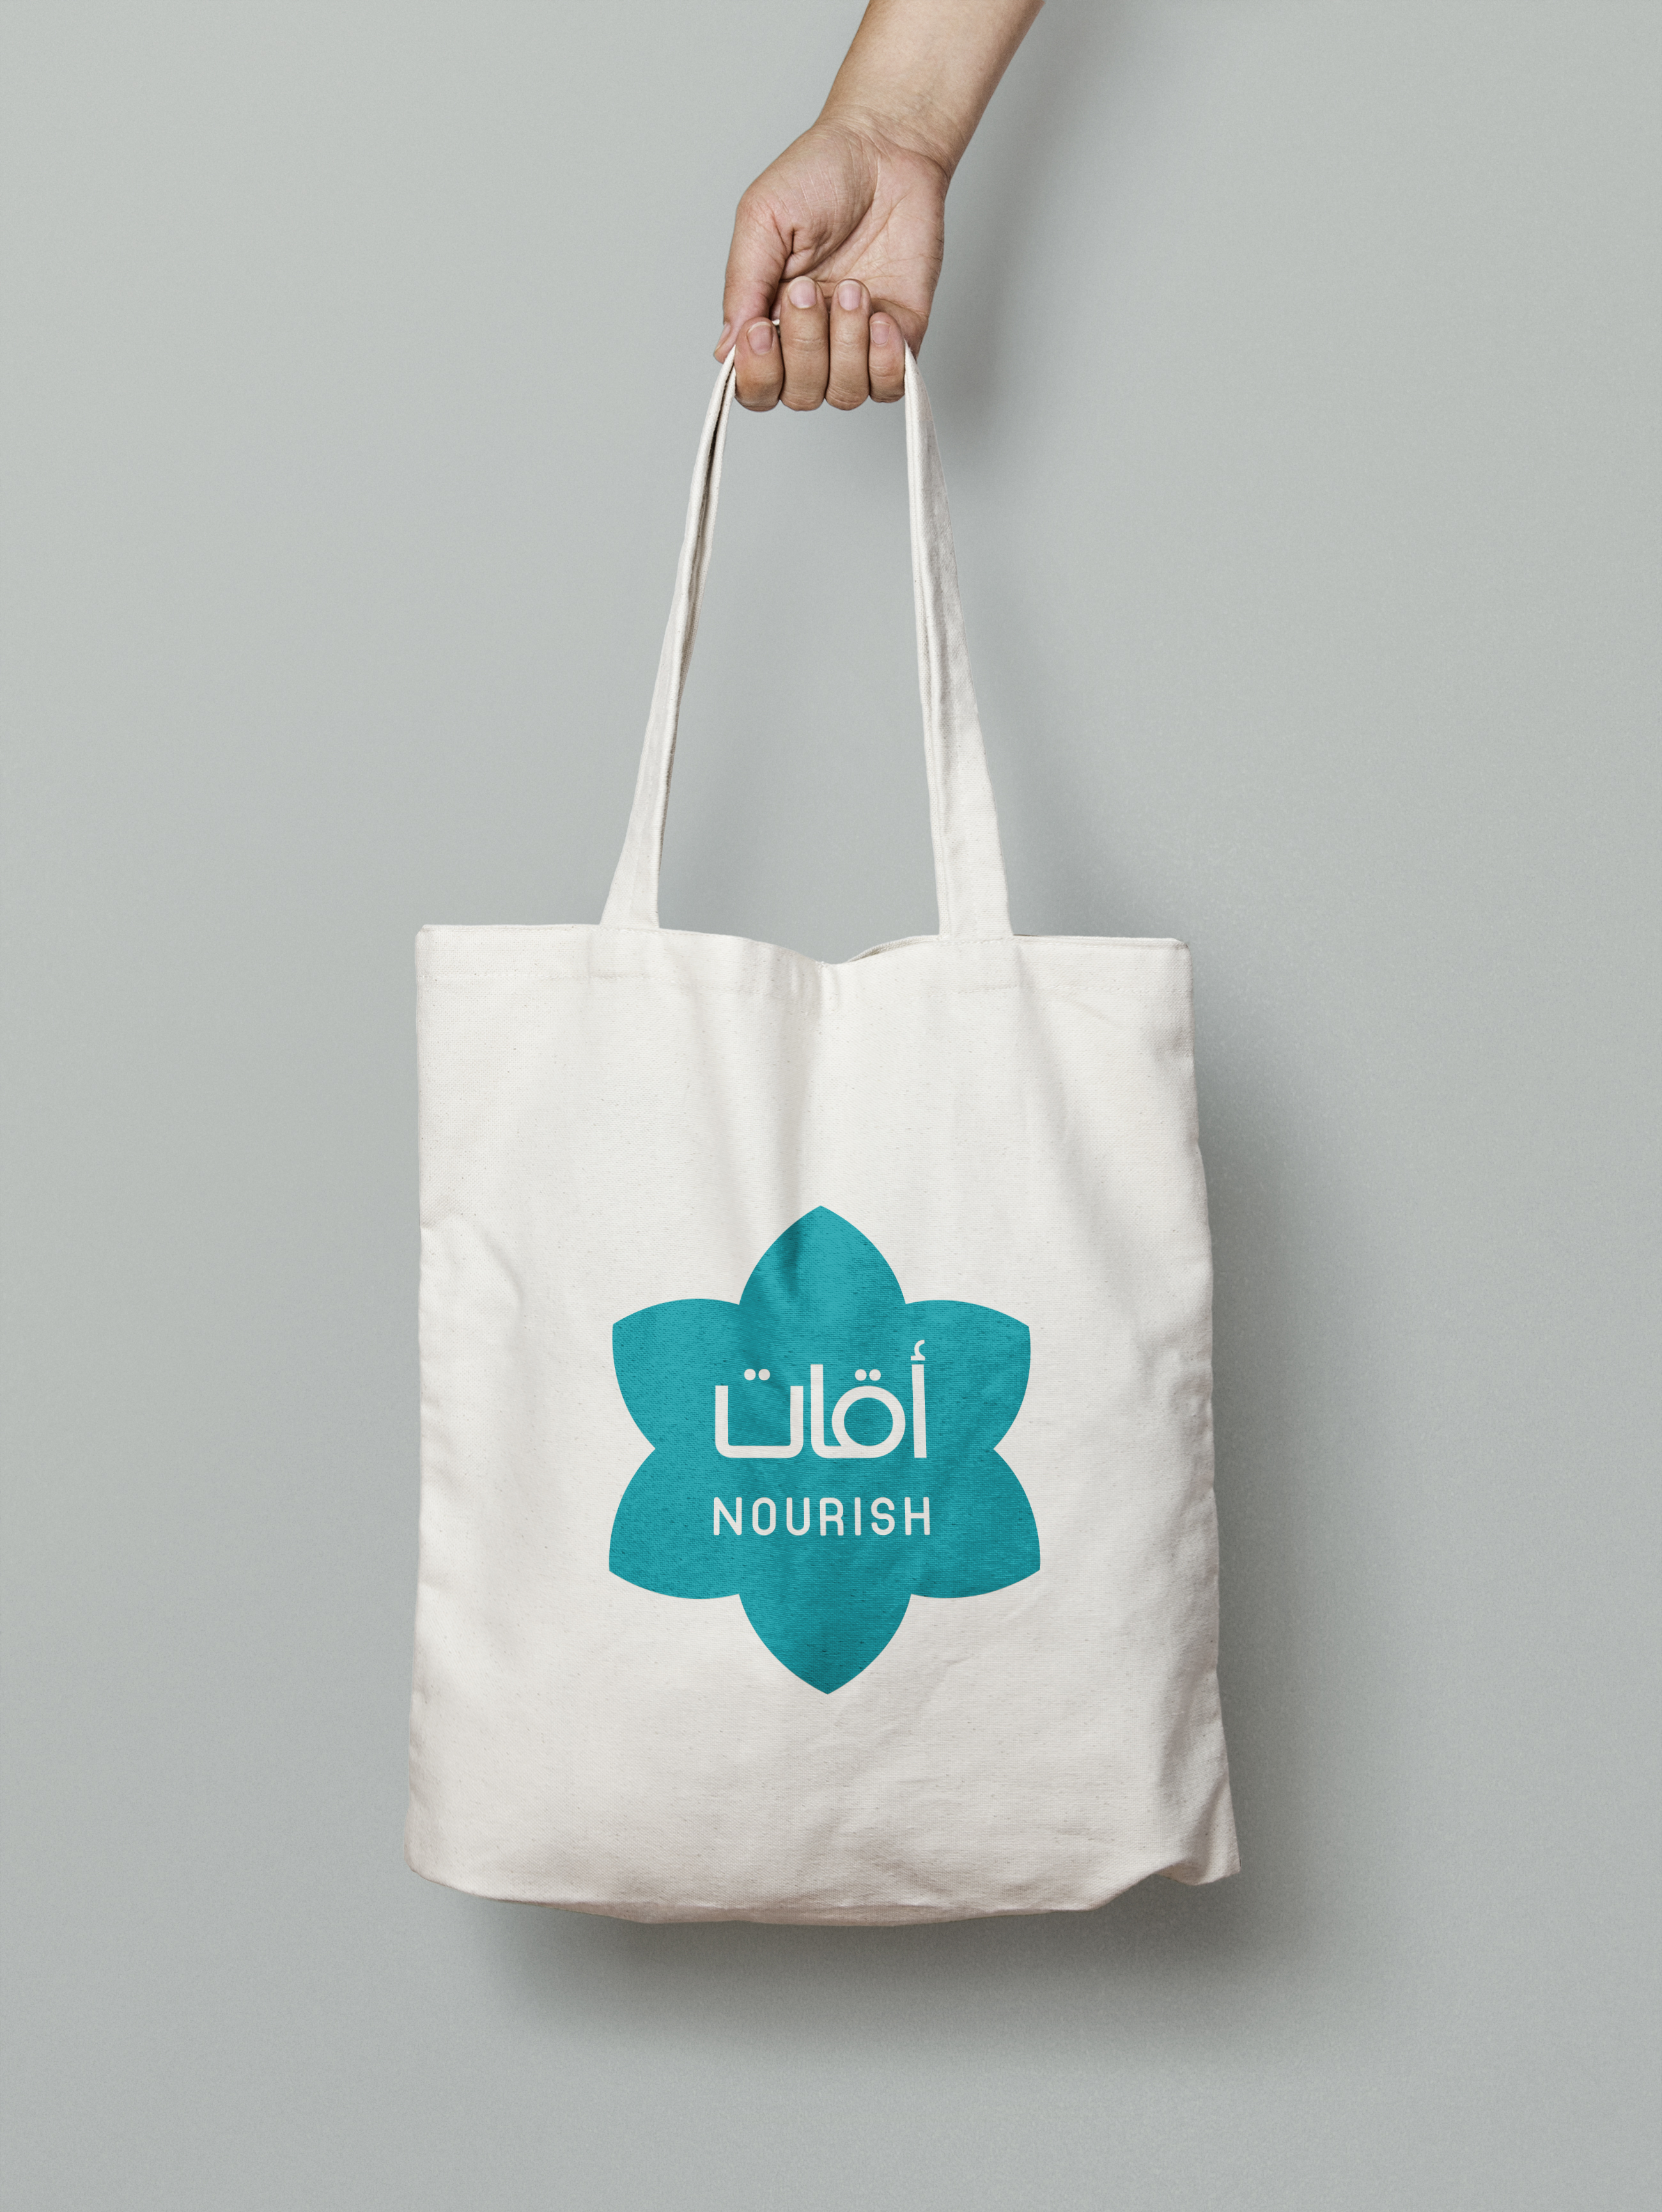 Nourish Tote Bag